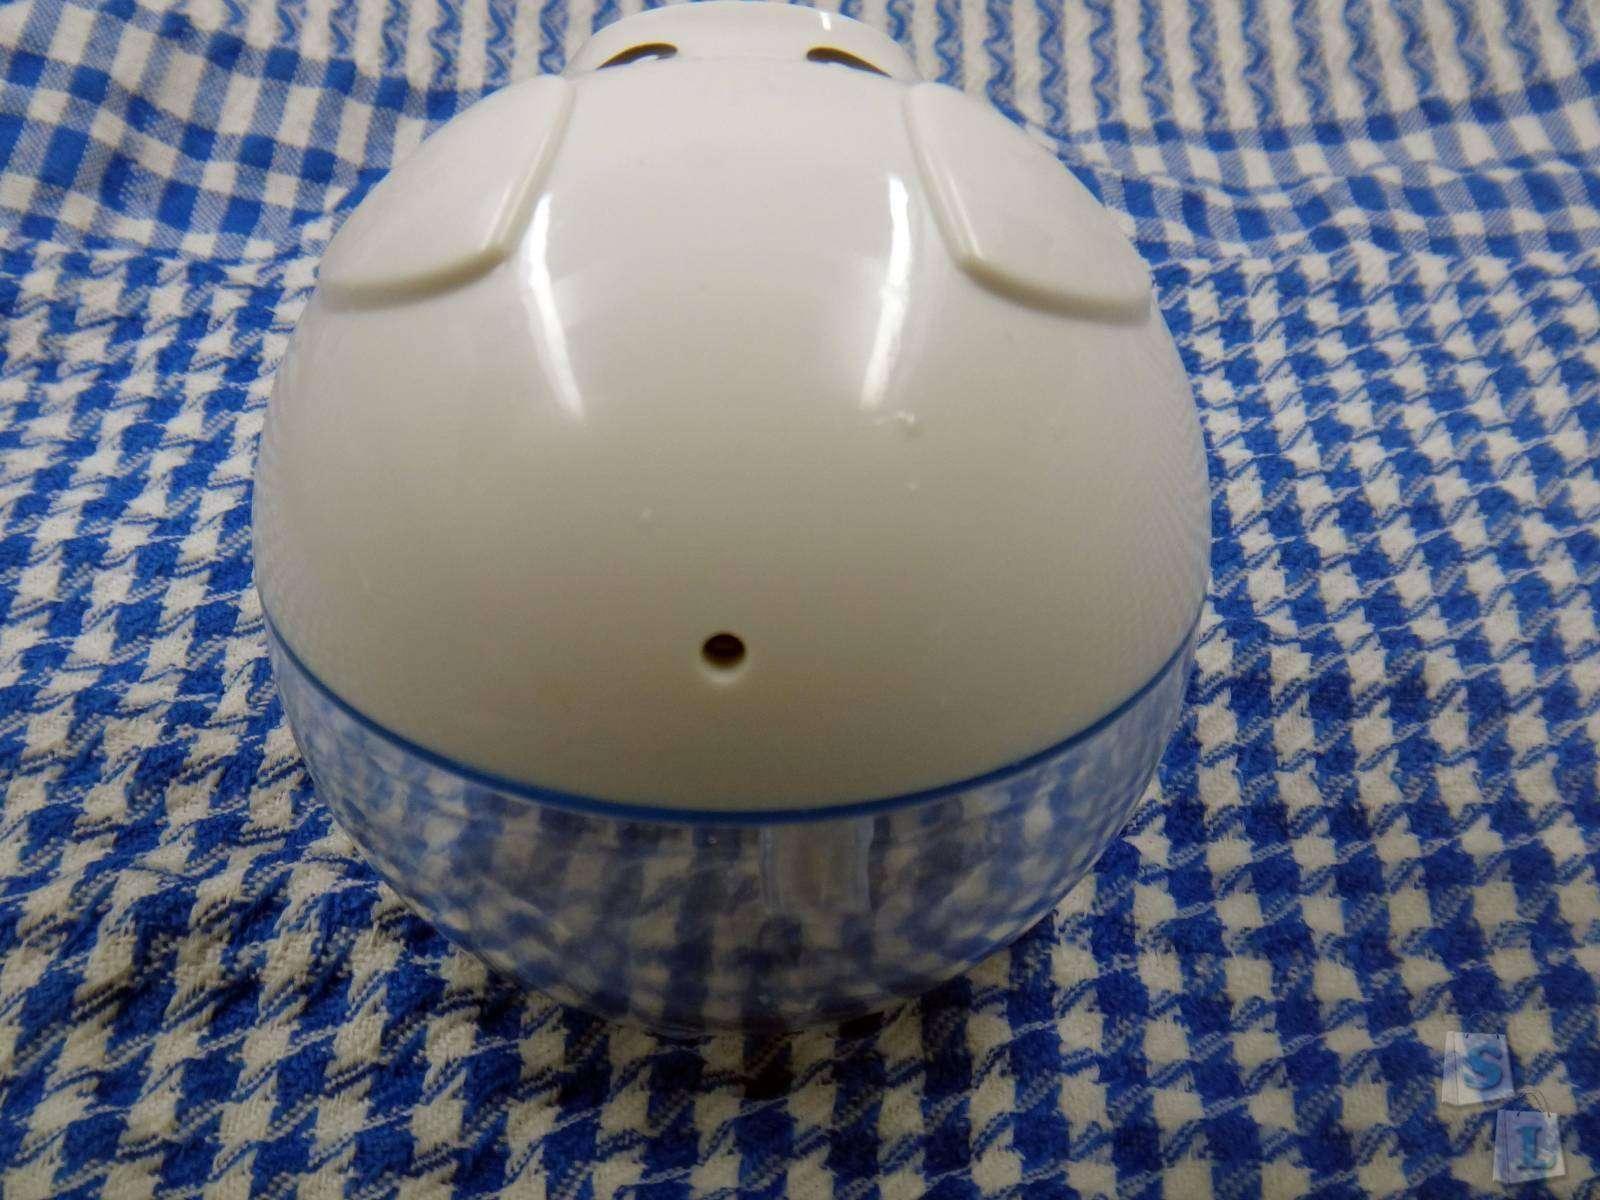 DealExtreme: Хрюши ЗА - настольный ультразвуковой увлажнитель воздуха, 4 часа USB питание